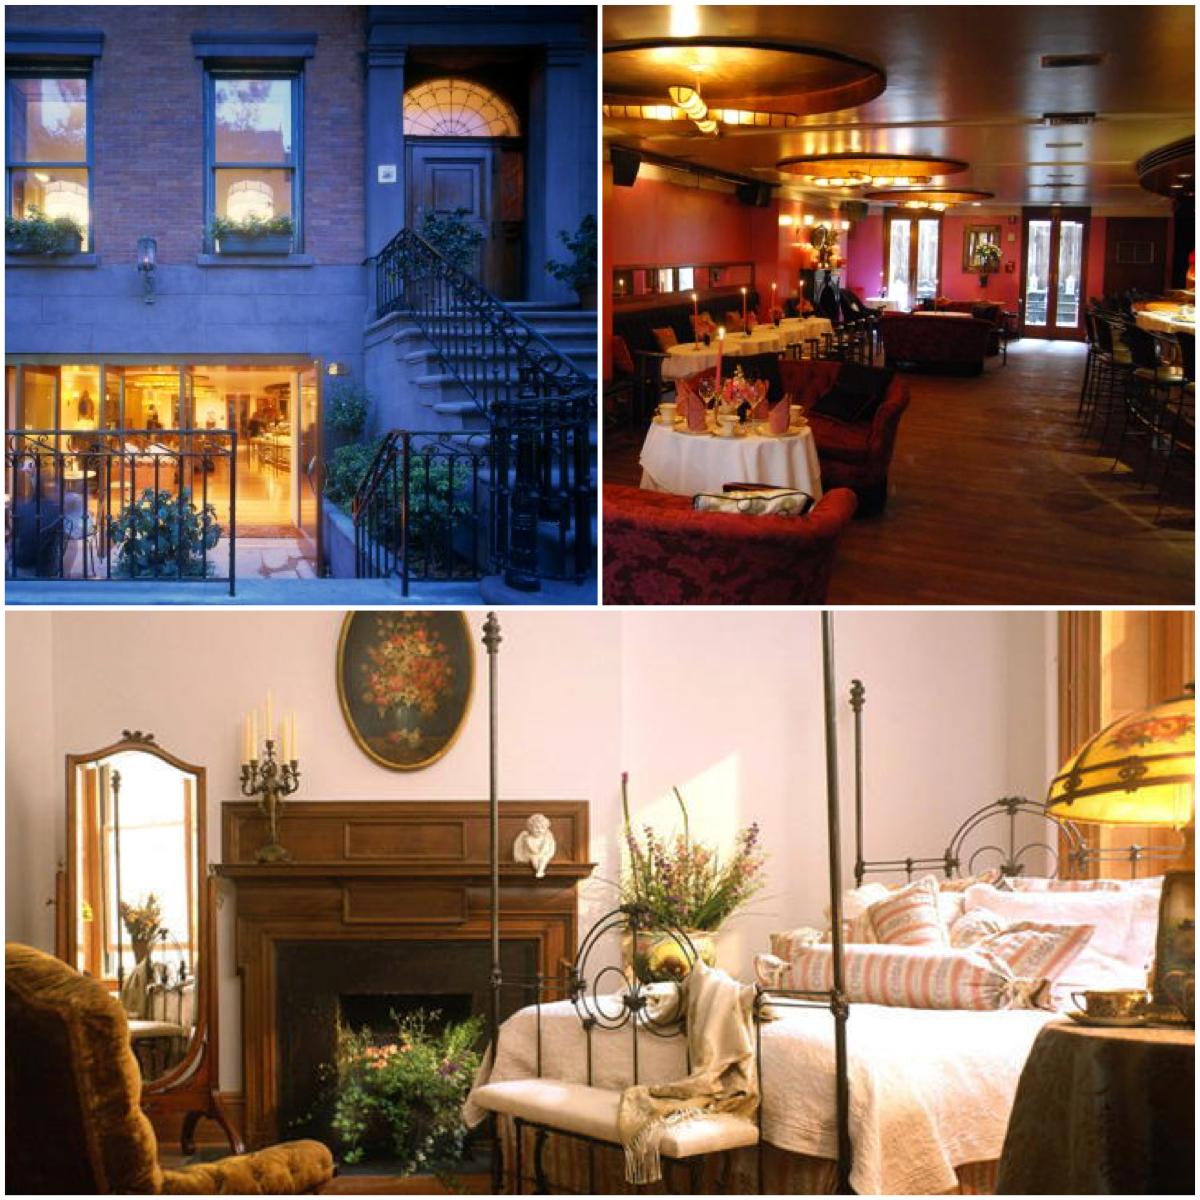 http://1.bp.blogspot.com/-c8iIlSeNolg/UDpzz_3GcbI/AAAAAAAAGi0/vlhTsJECv0Q/s1600/The+In+NYC.jpg